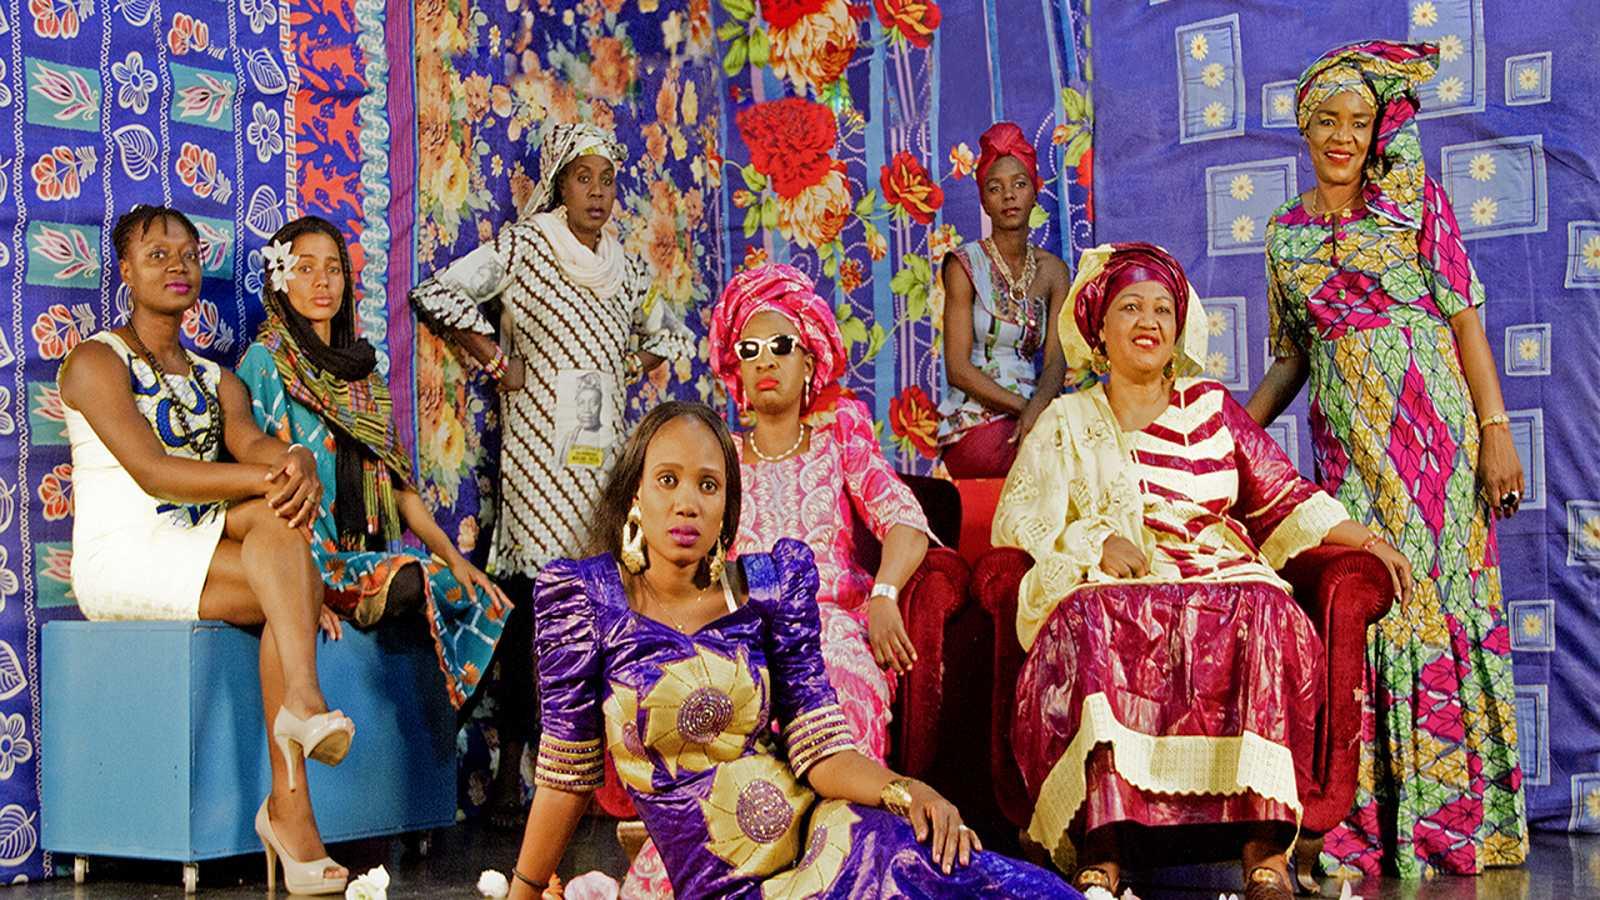 Sonideros: Dj Floro - Mujeres, Músicas y Mundos - 08/03/20 - escuchar ahora